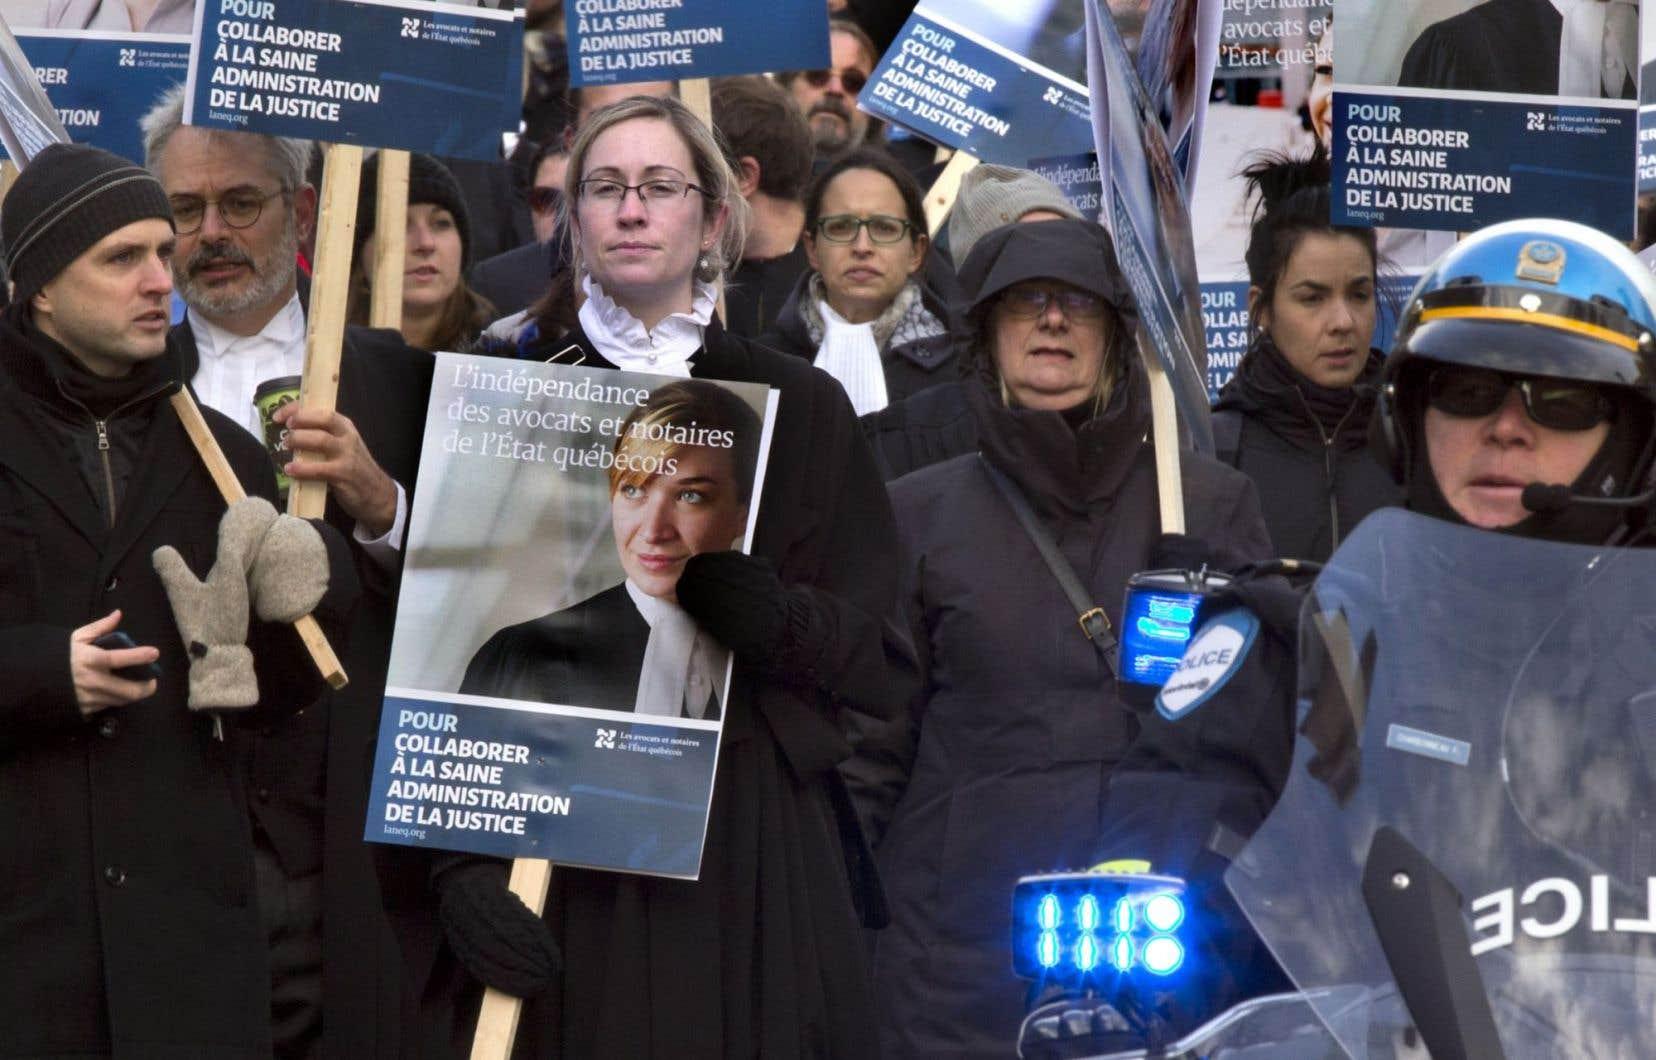 Les quelque 1100 juristes de l'État sont en grève depuis le 24 octobre dernier.